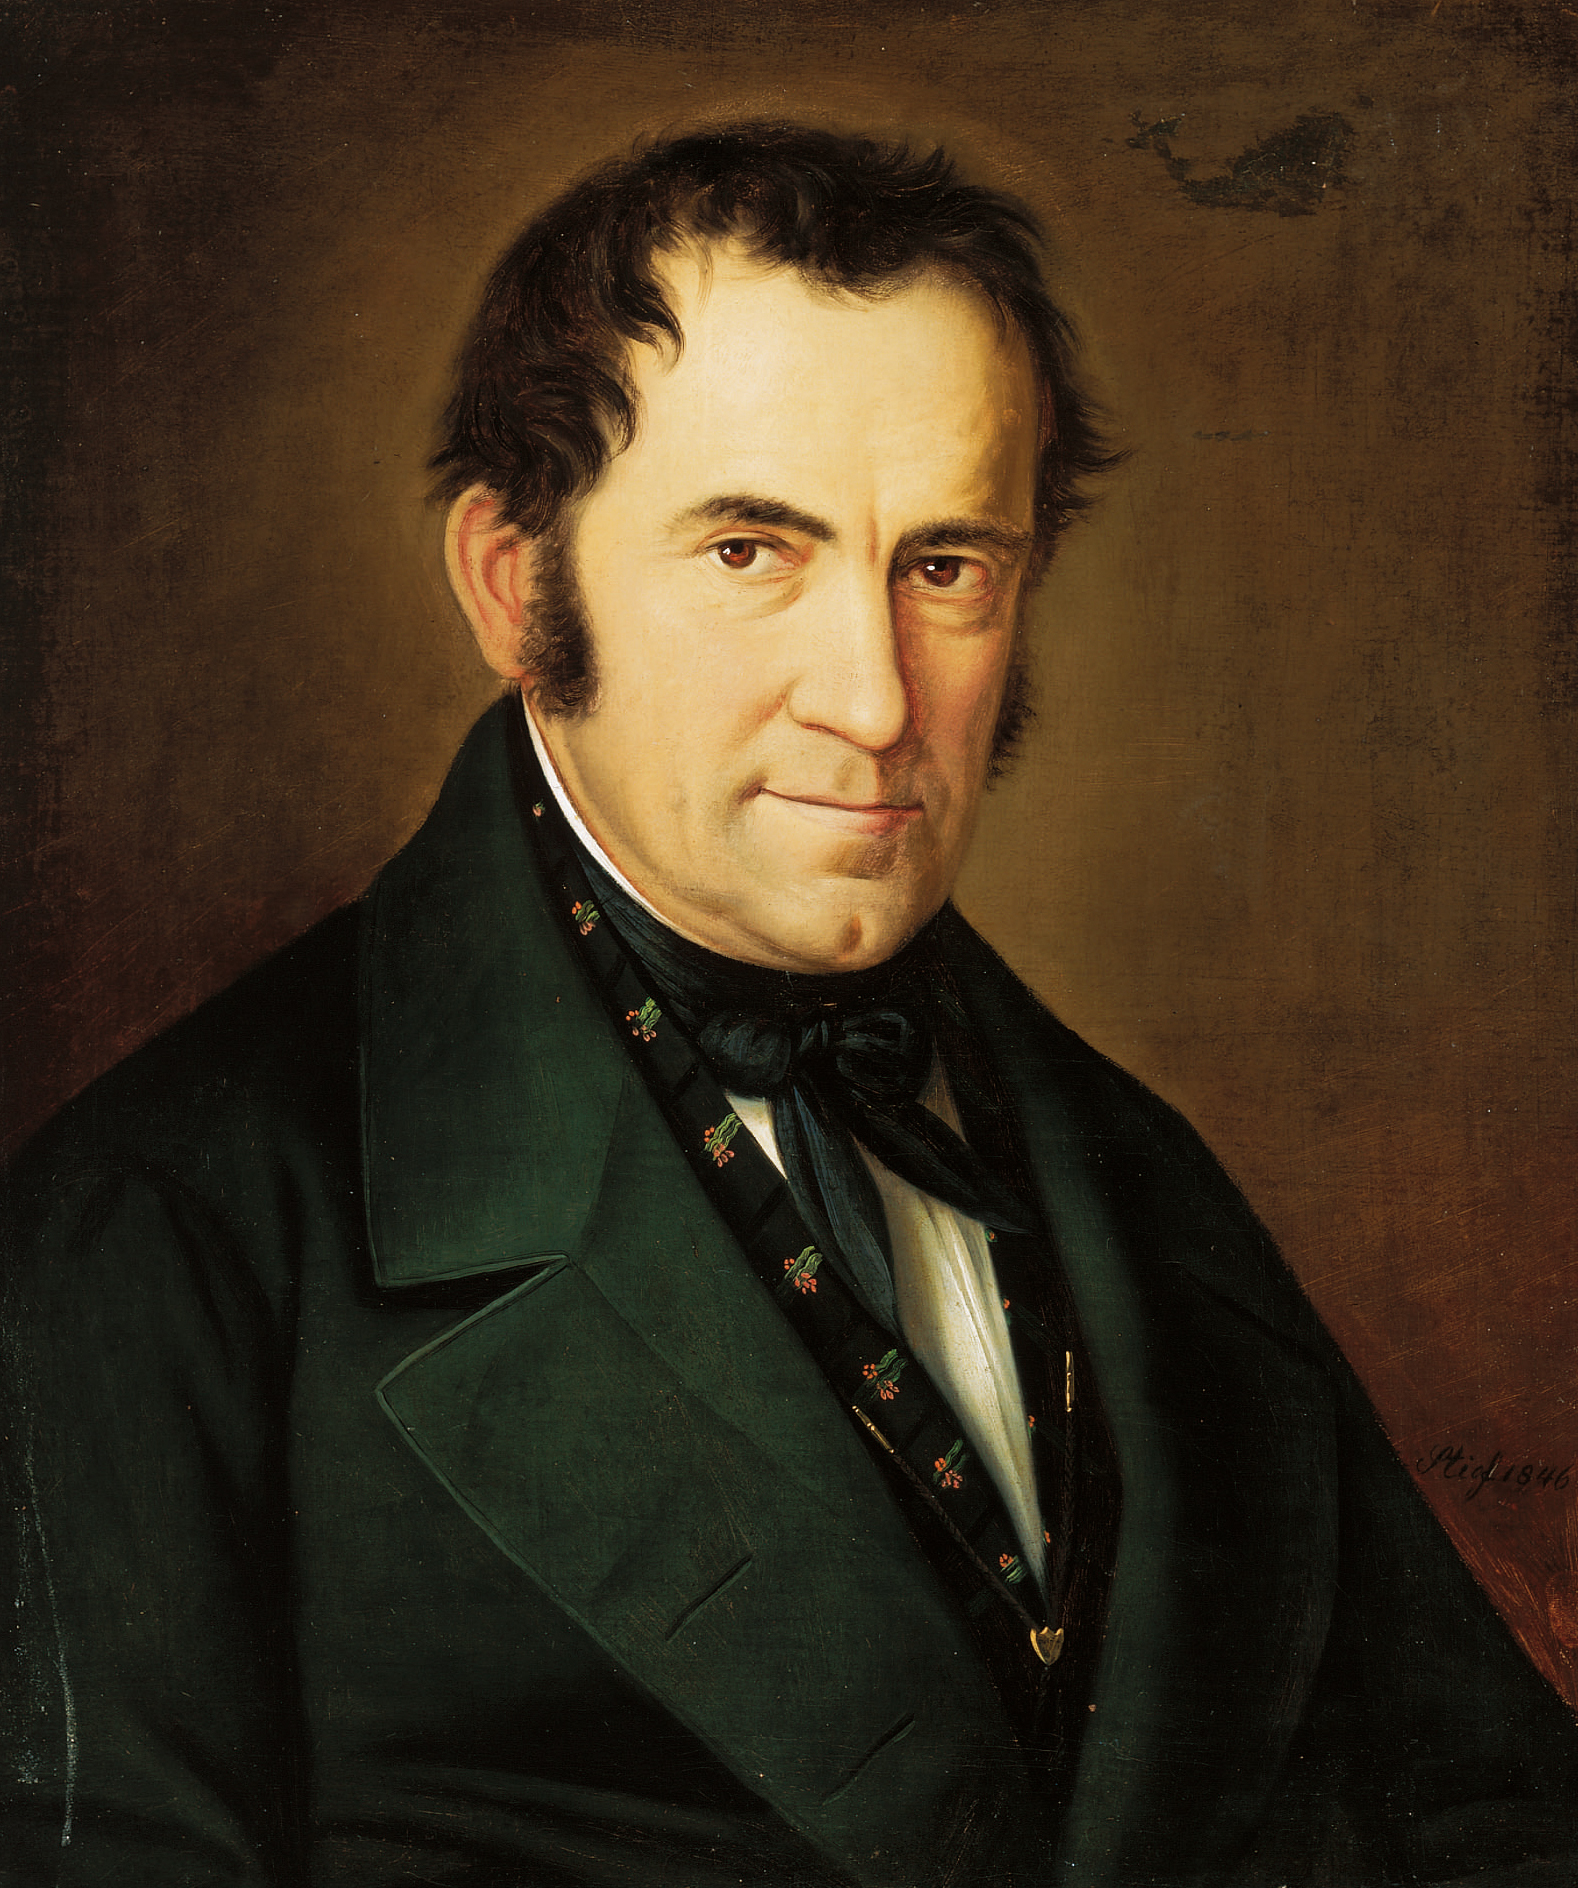 Meet Franz Gruber